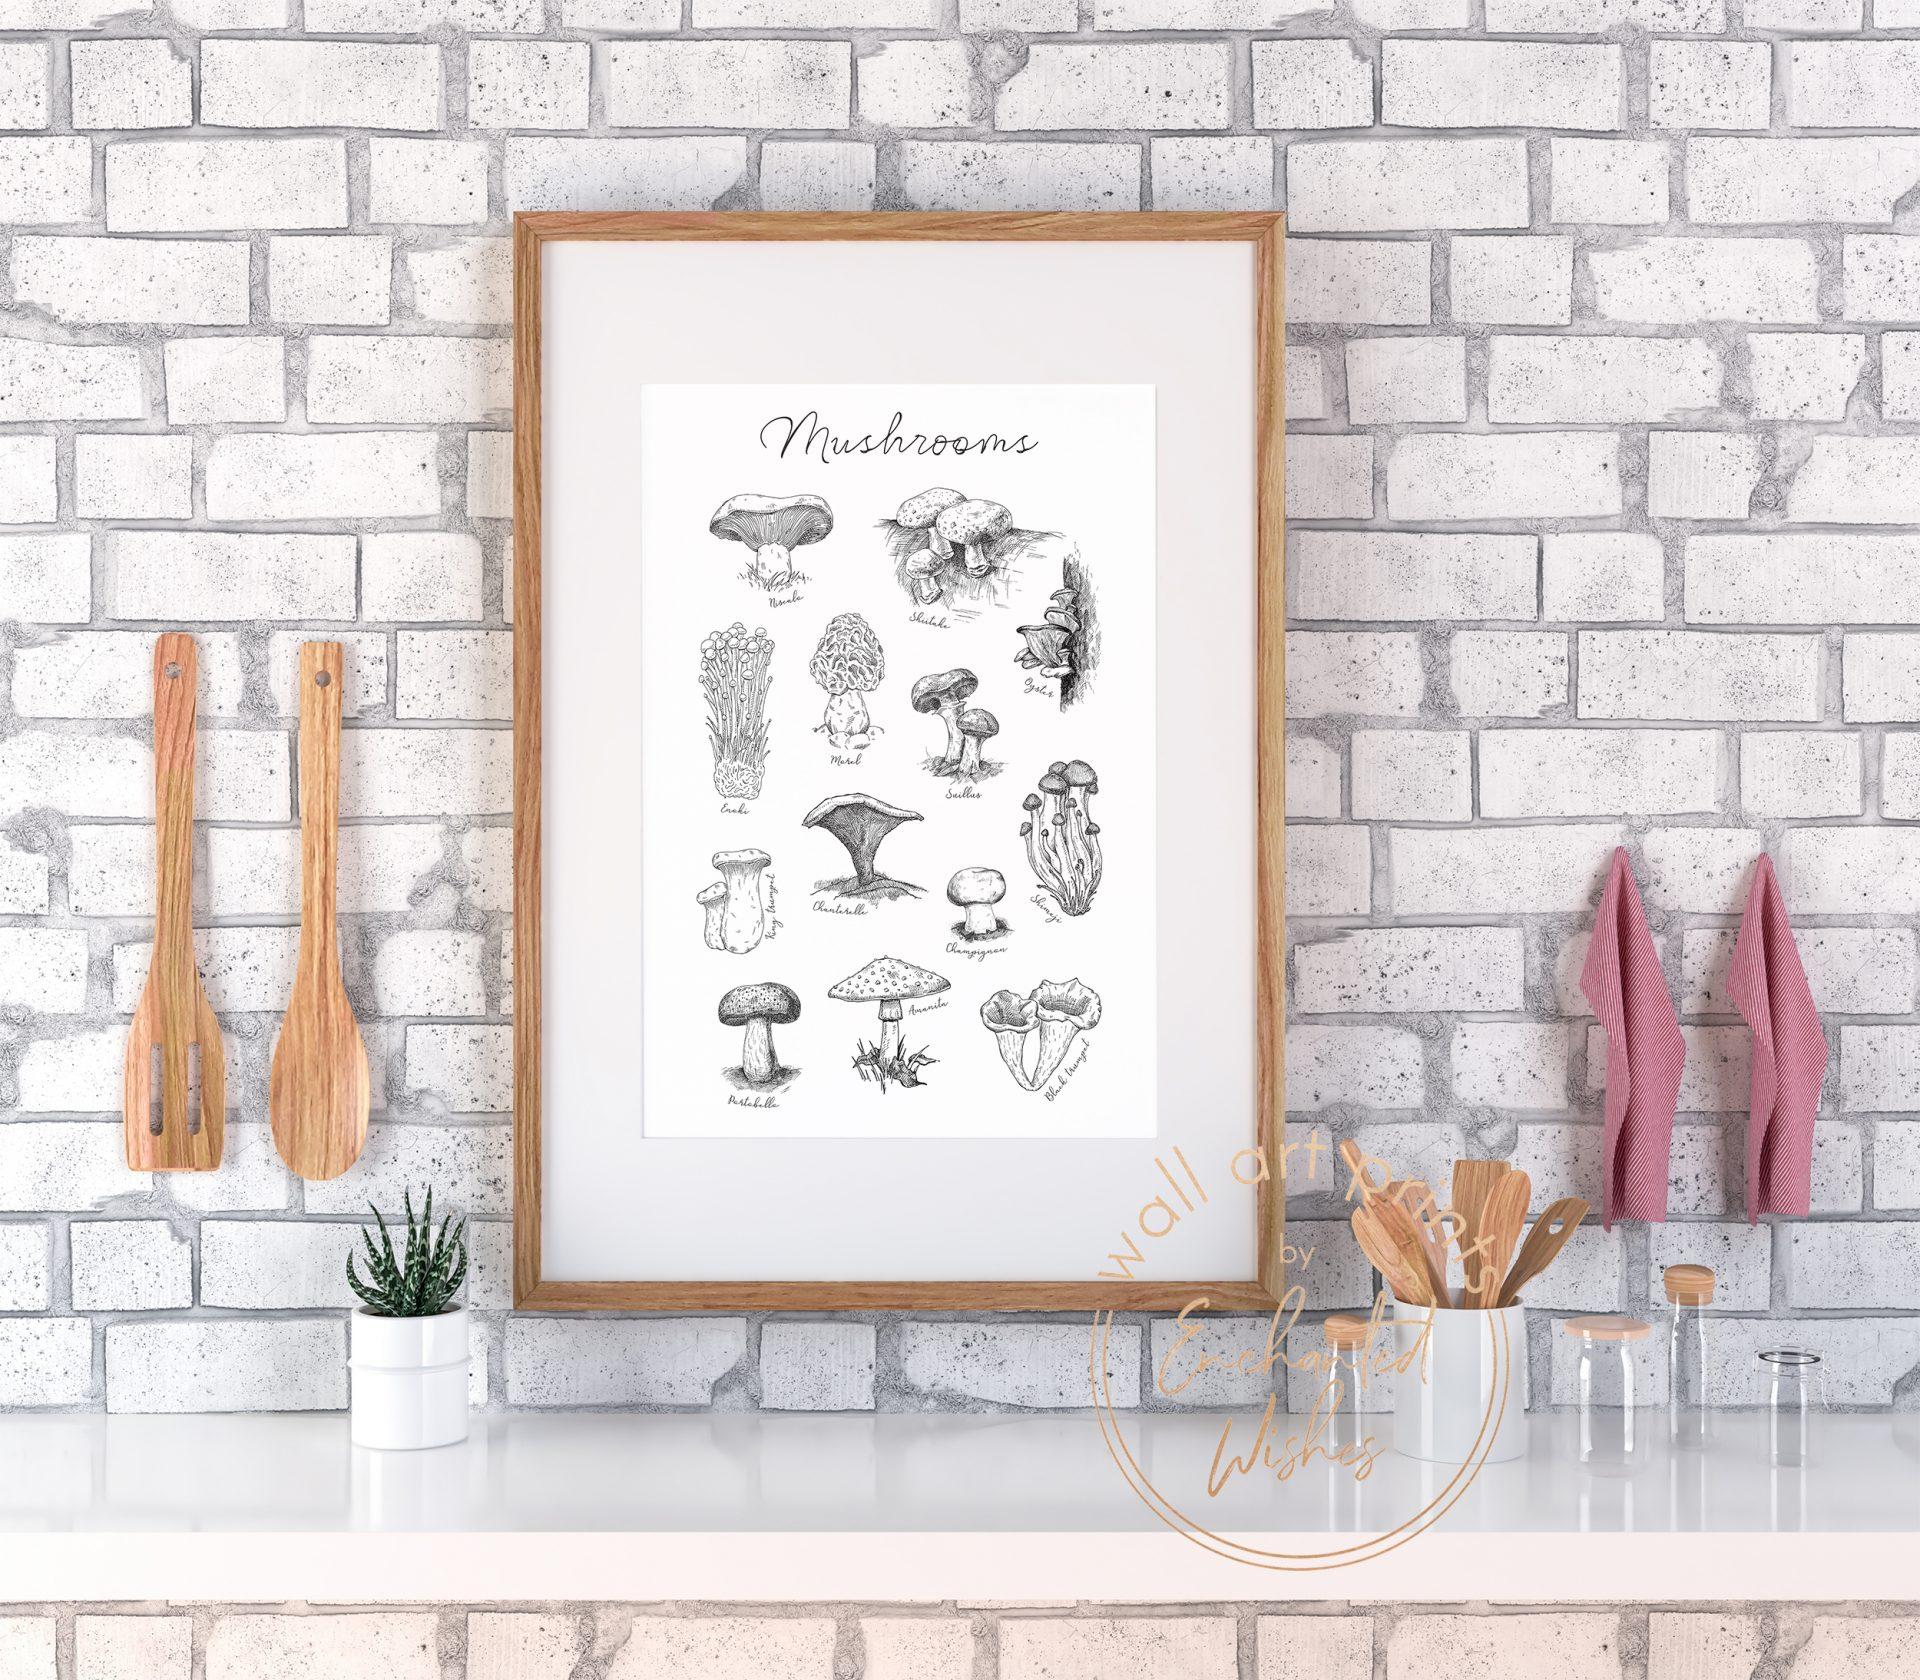 Mushrooms guide print